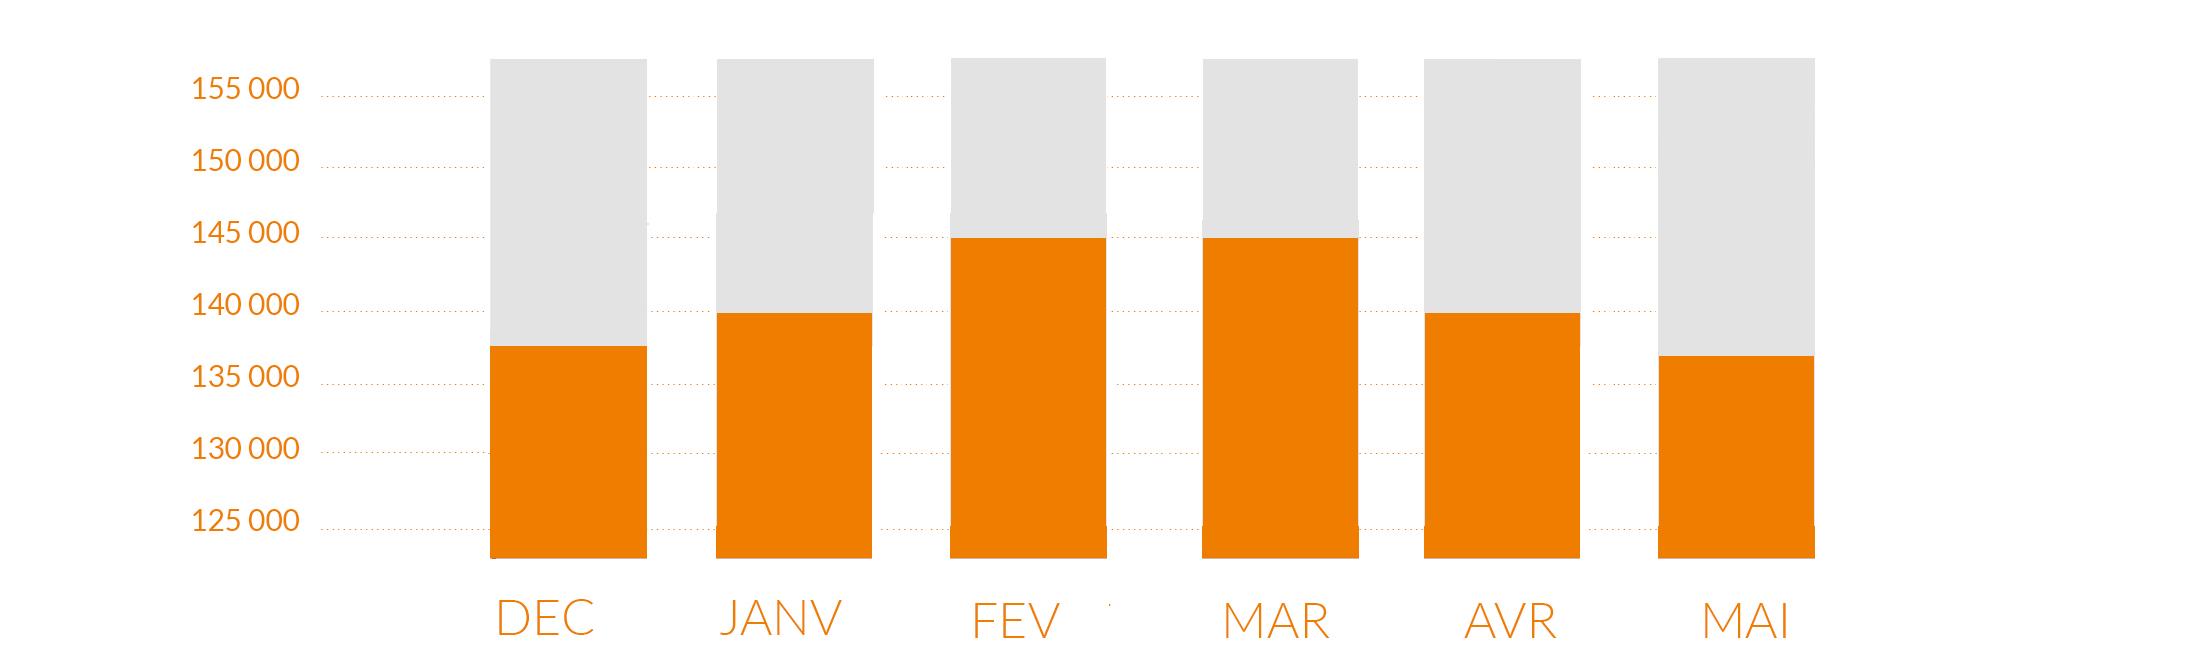 Cours de la licence des 6 derniers mois Annee 2016-17